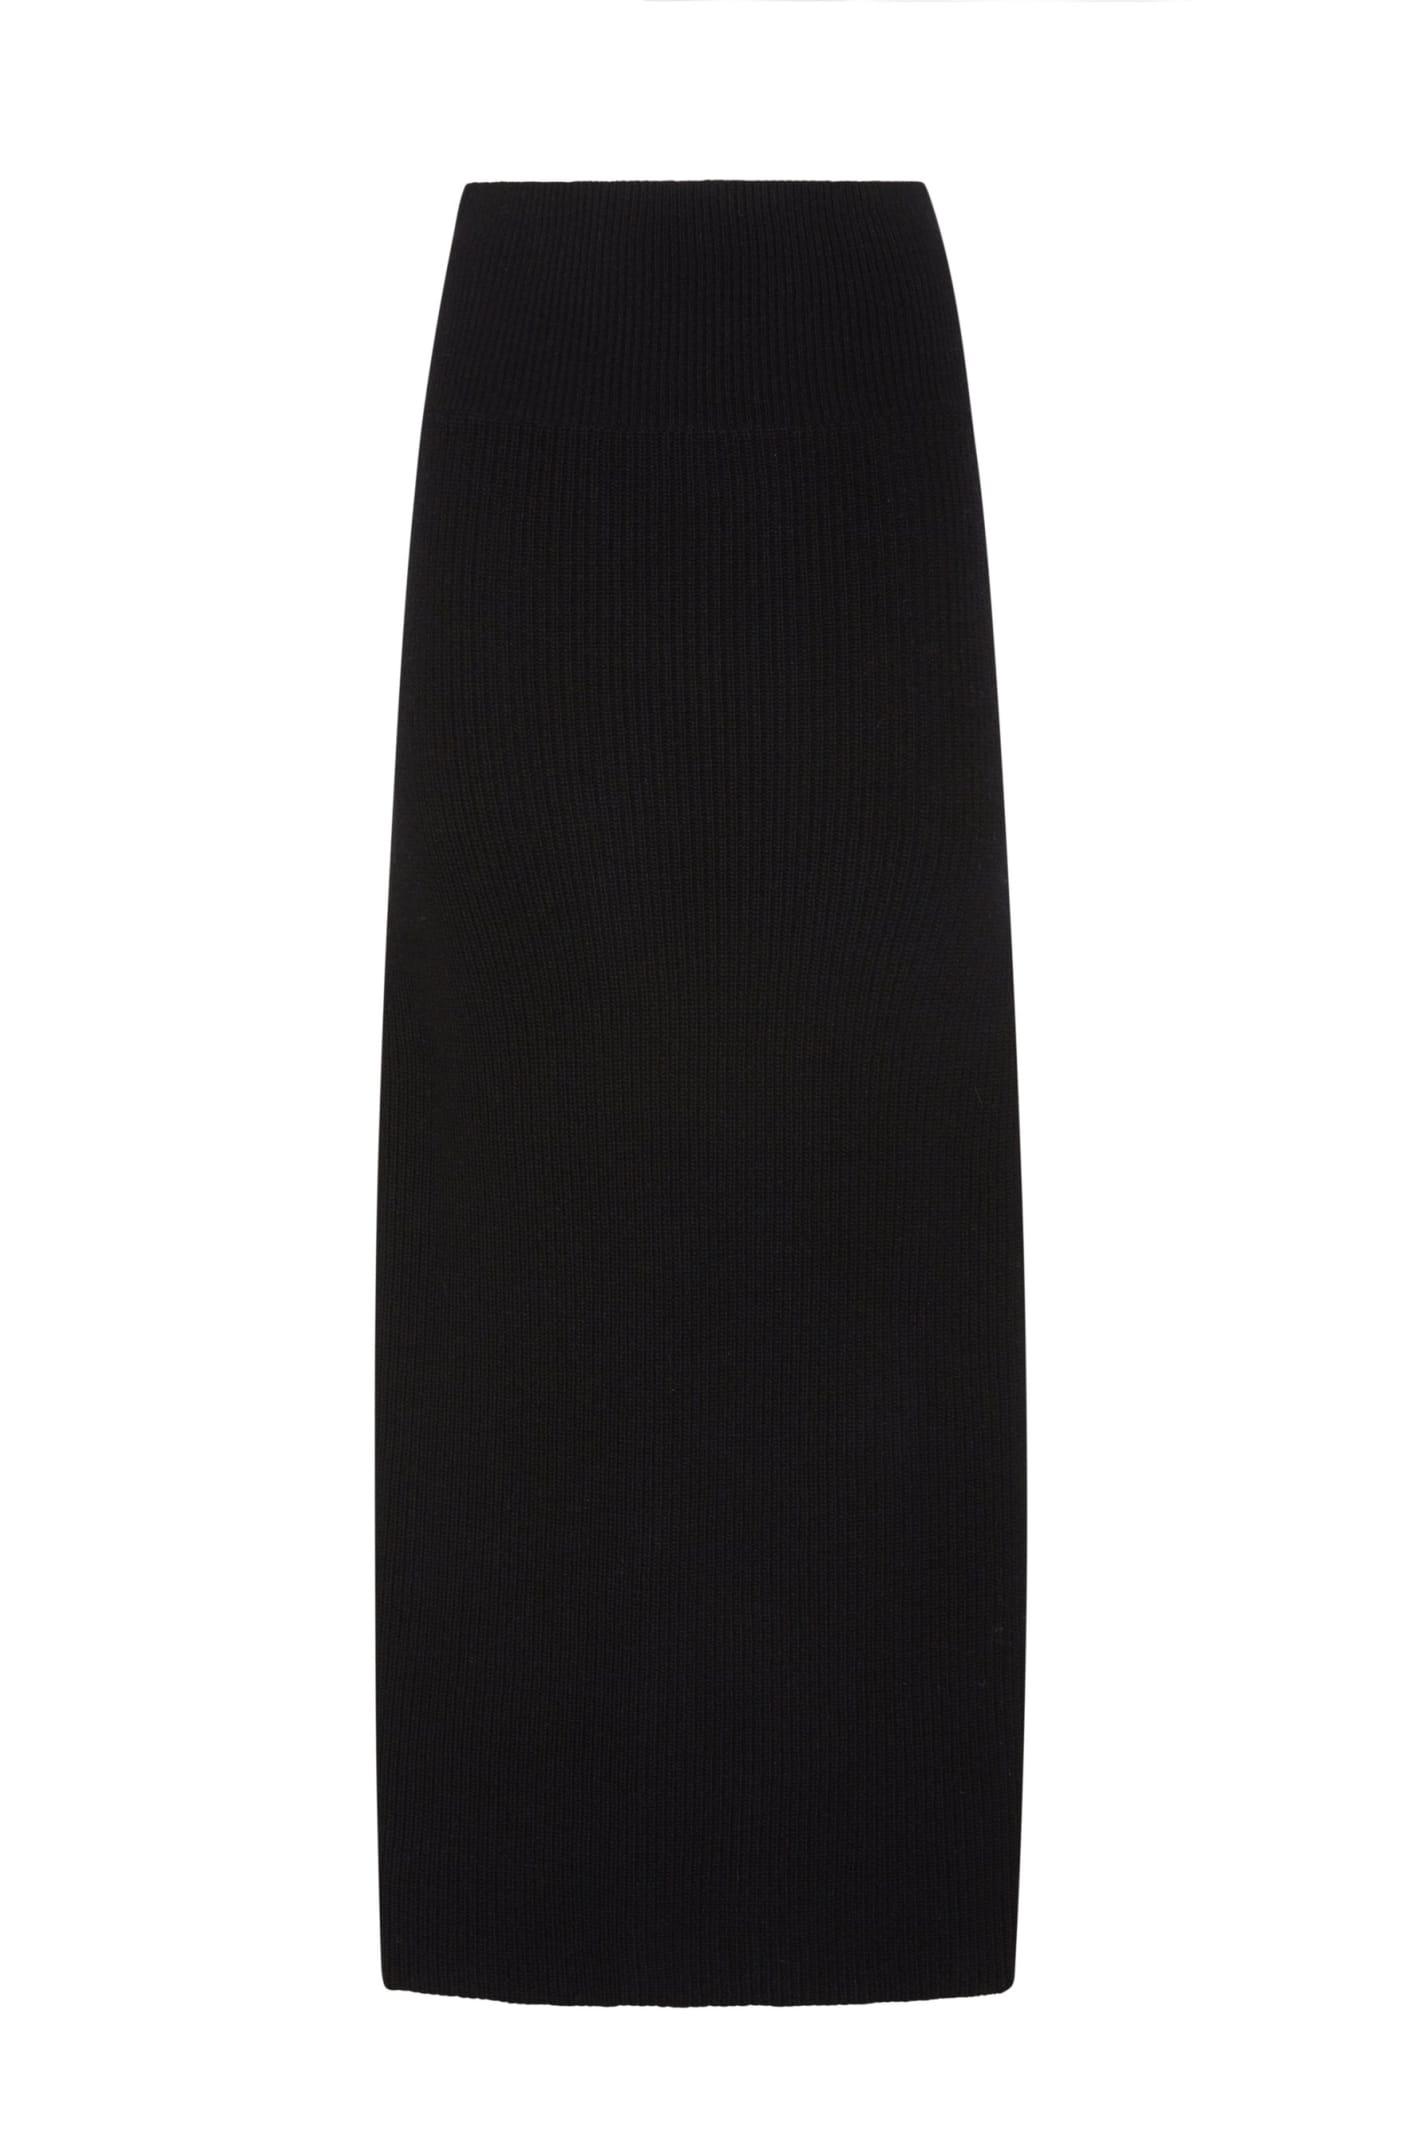 La Villa Skirt In Black Wool